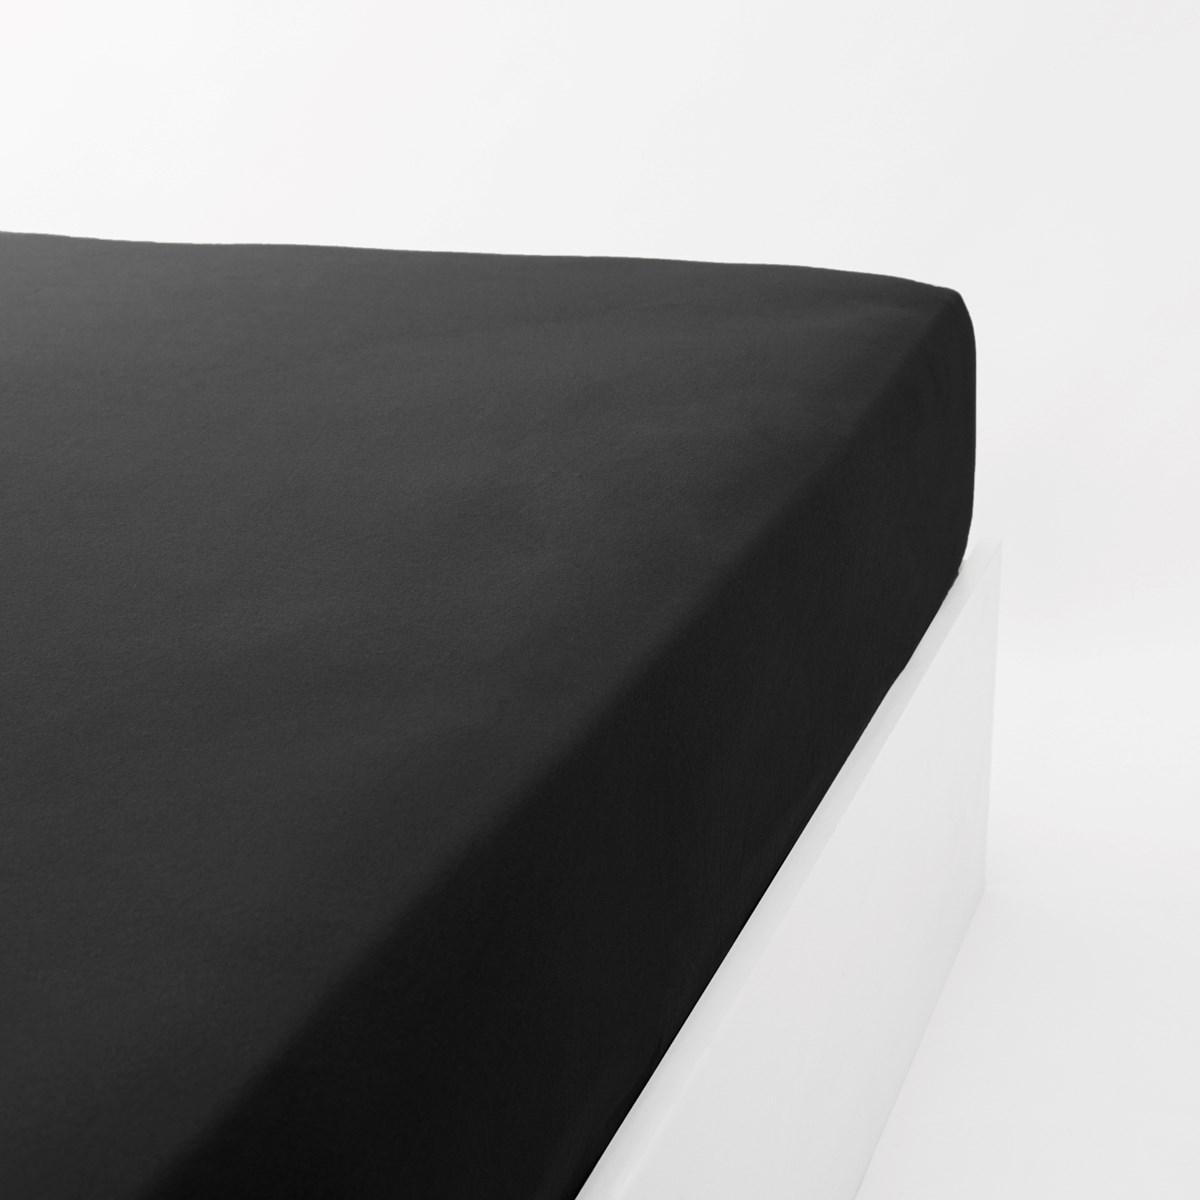 Drap housse jersey extensible en coton noir 90x200 cm